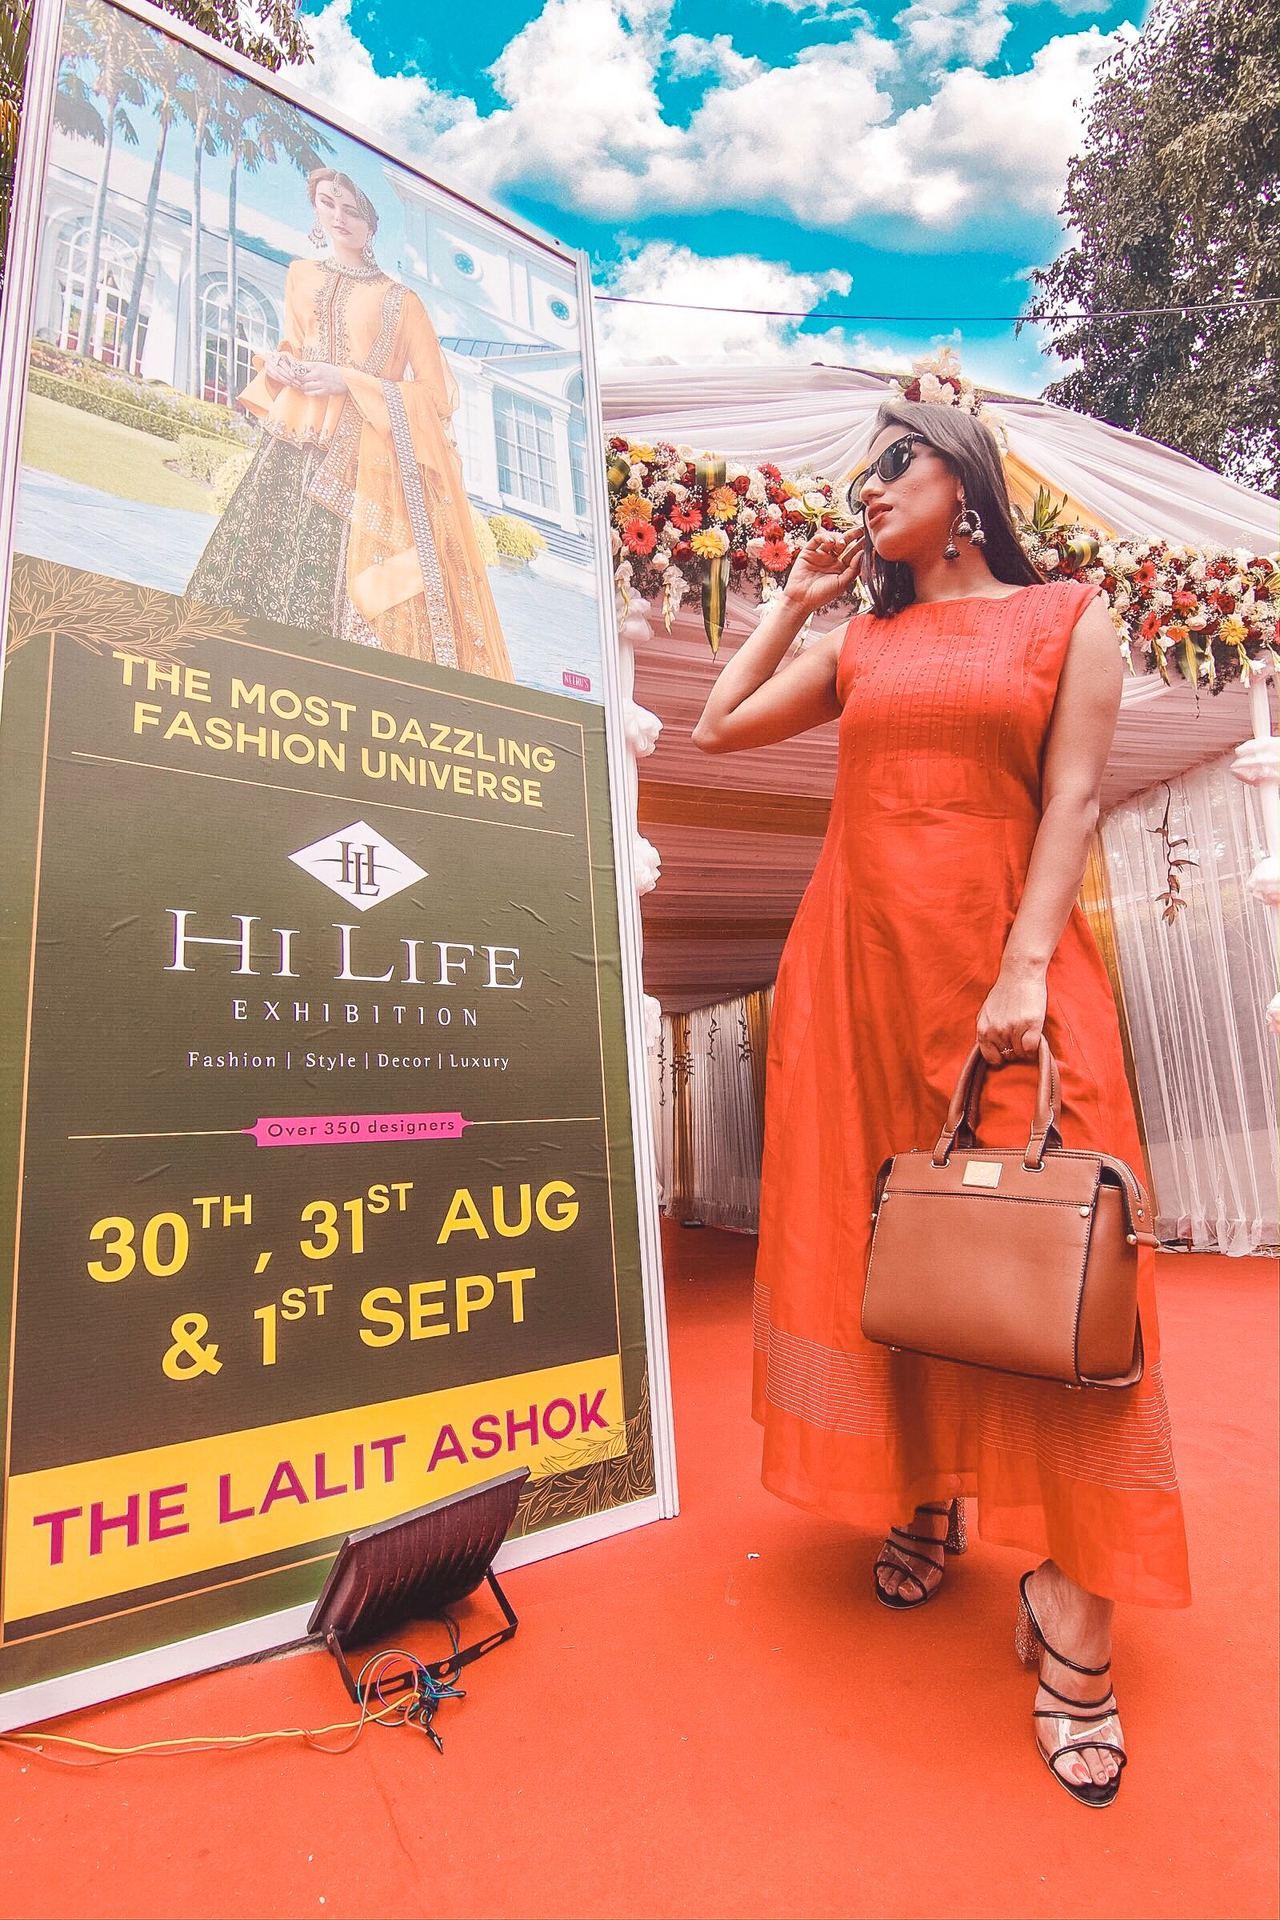 Hi Life Exhibitions |Lalit Ashok, Bangalore  image